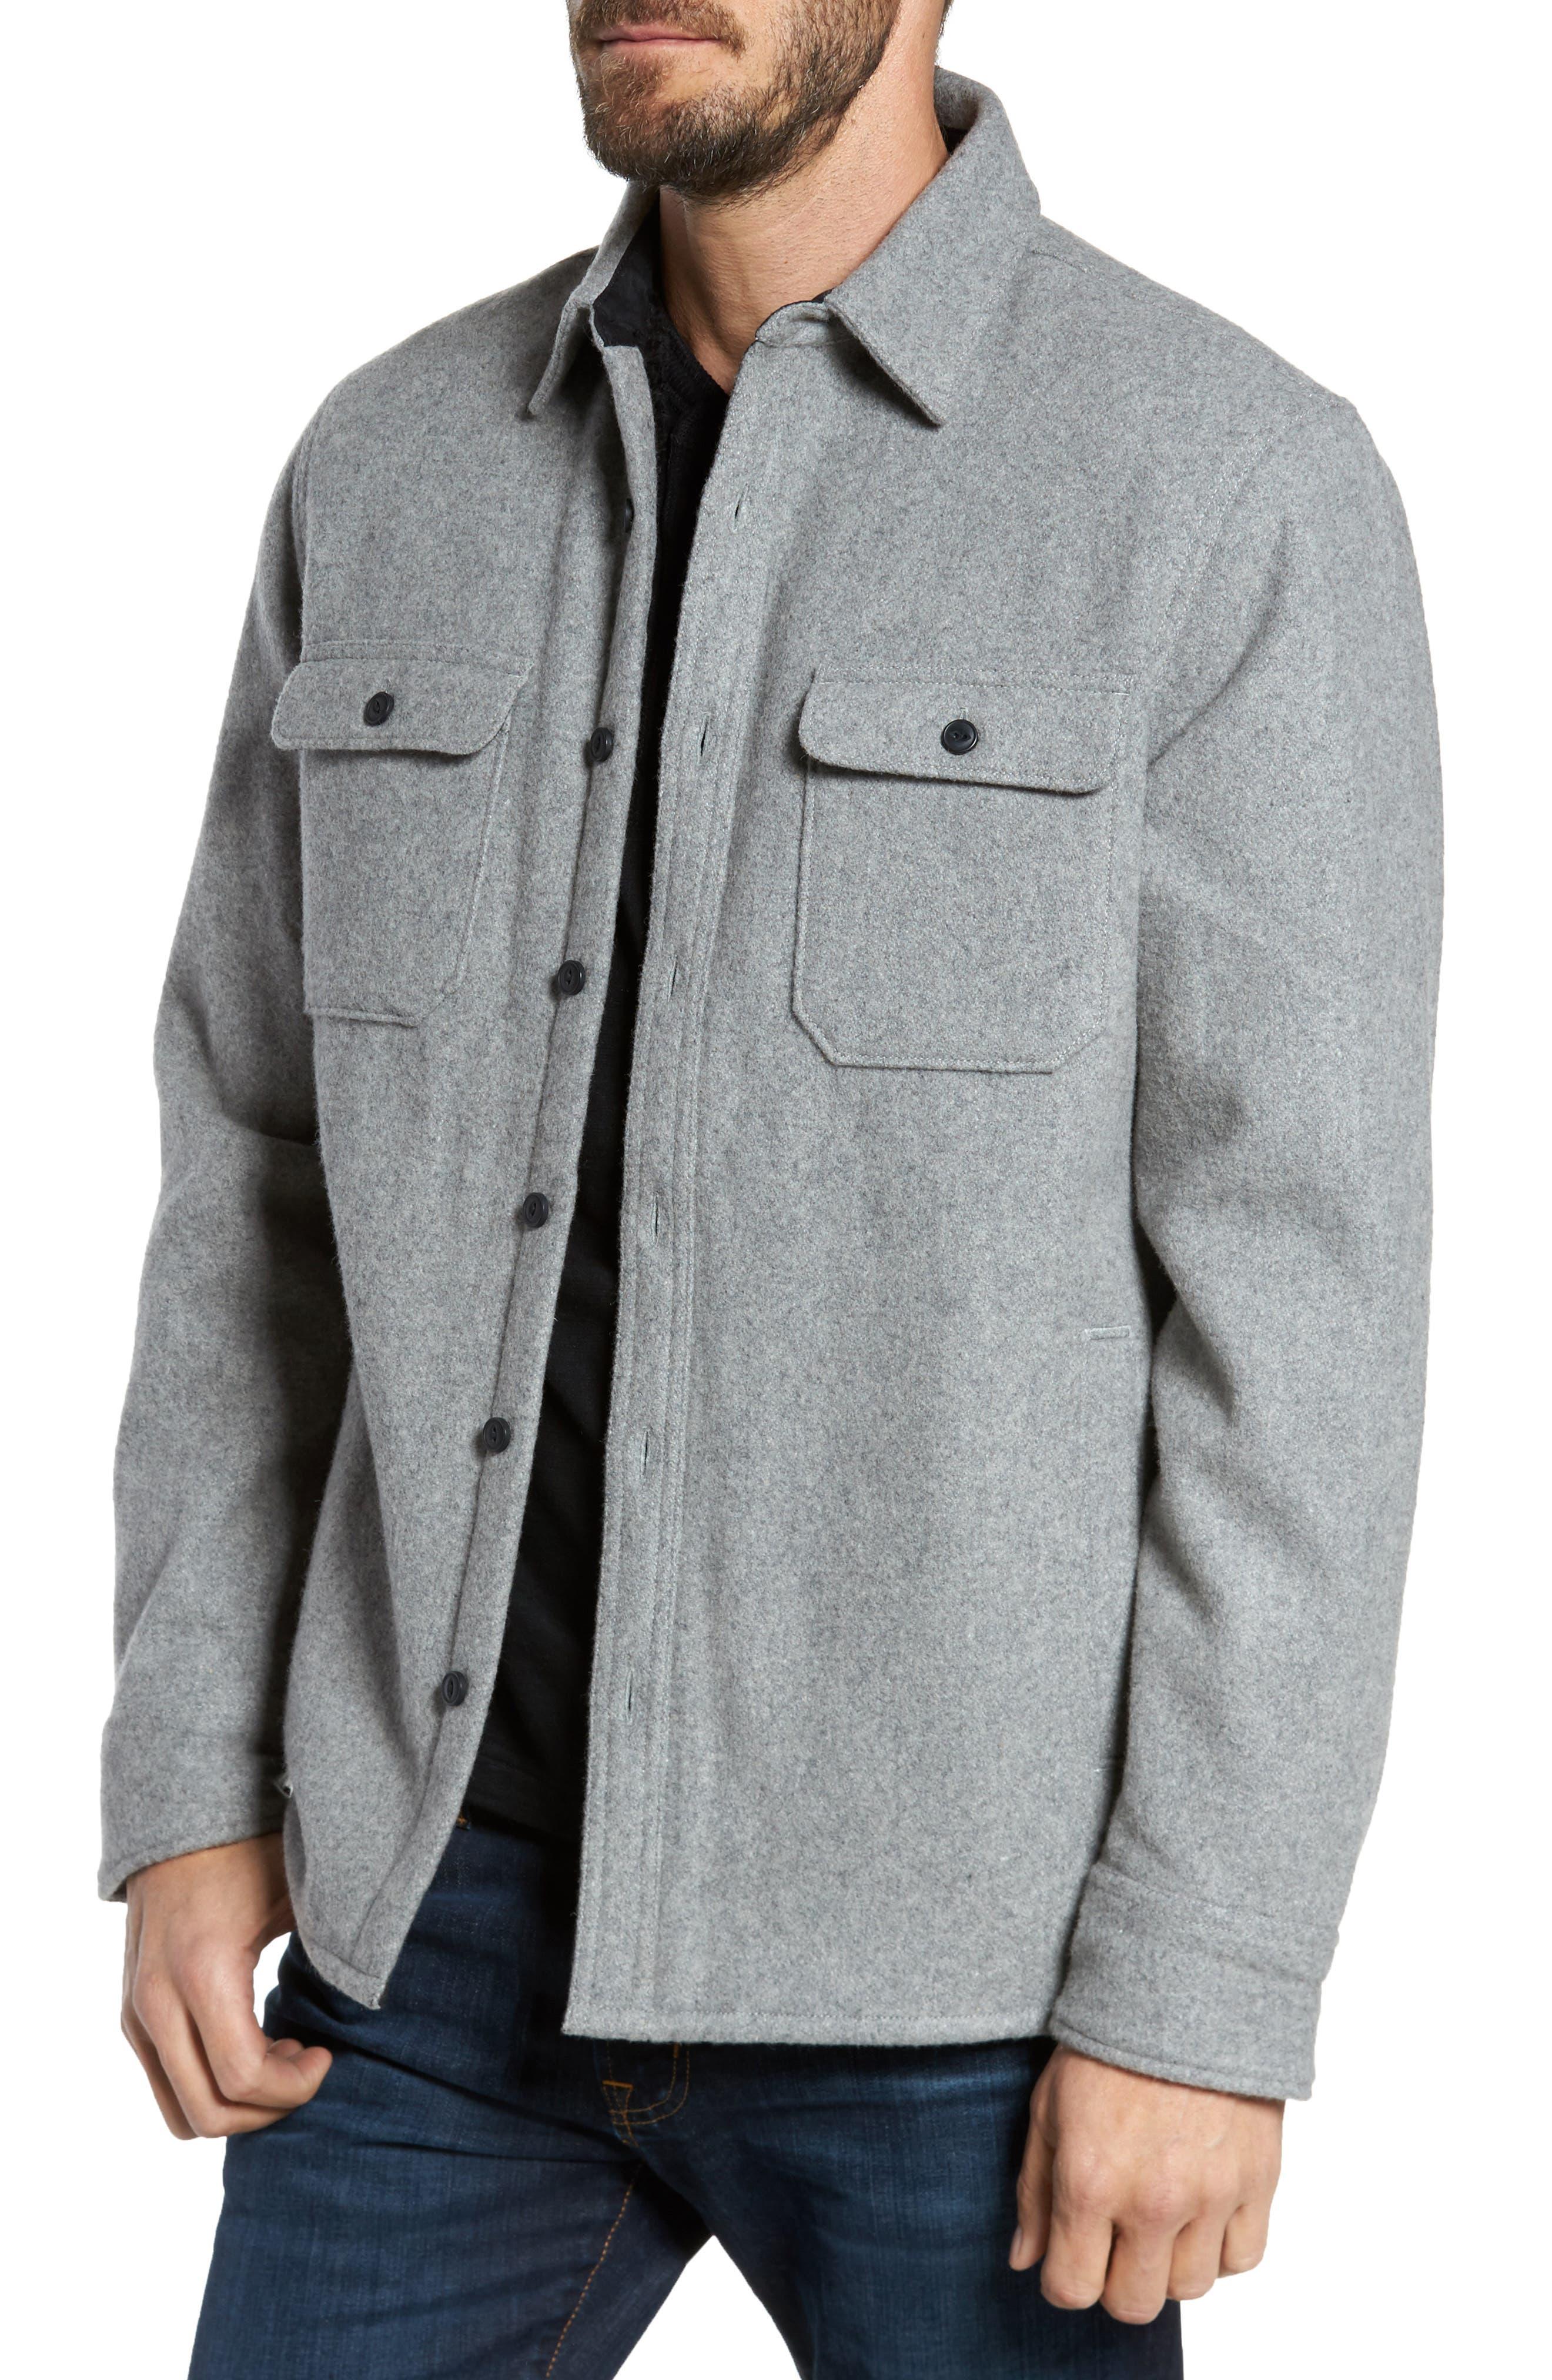 Main Image - Nordstrom Men's Shop Shirt Jacket